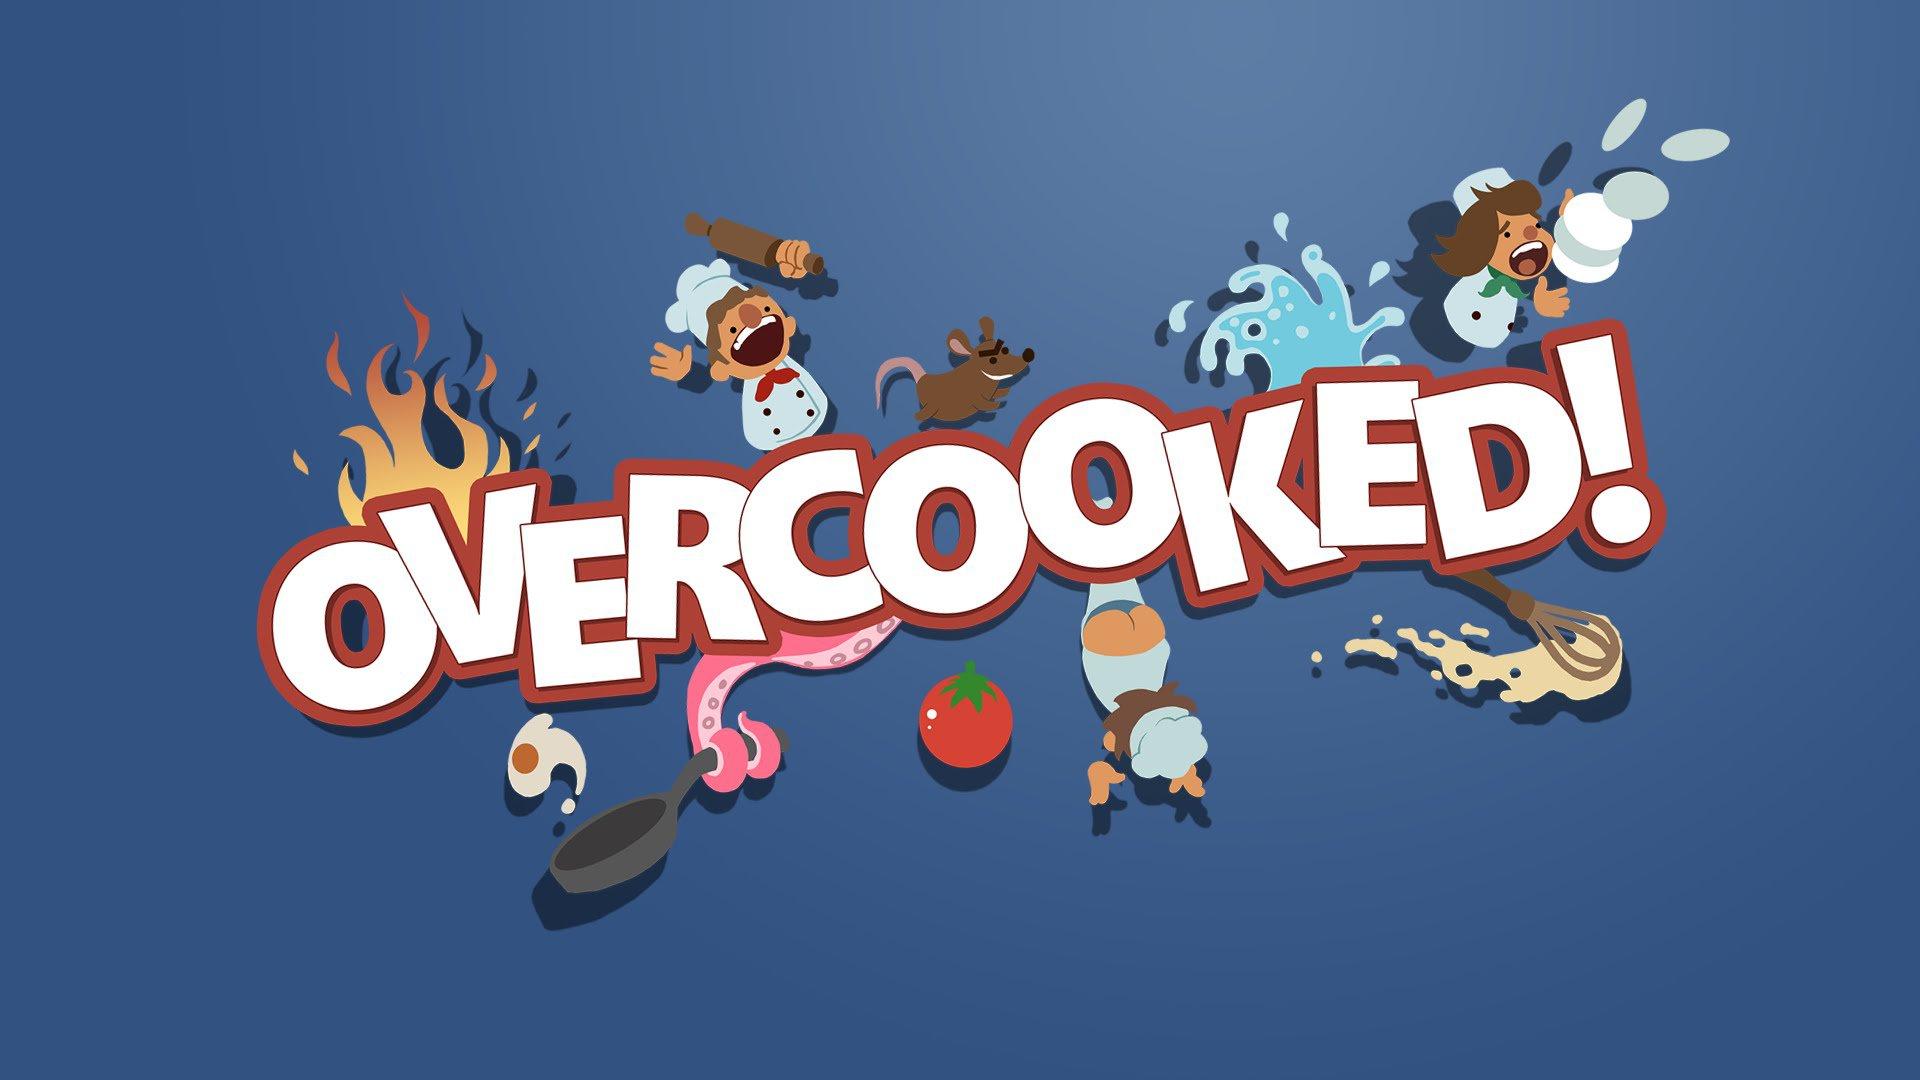 overcookedlogo